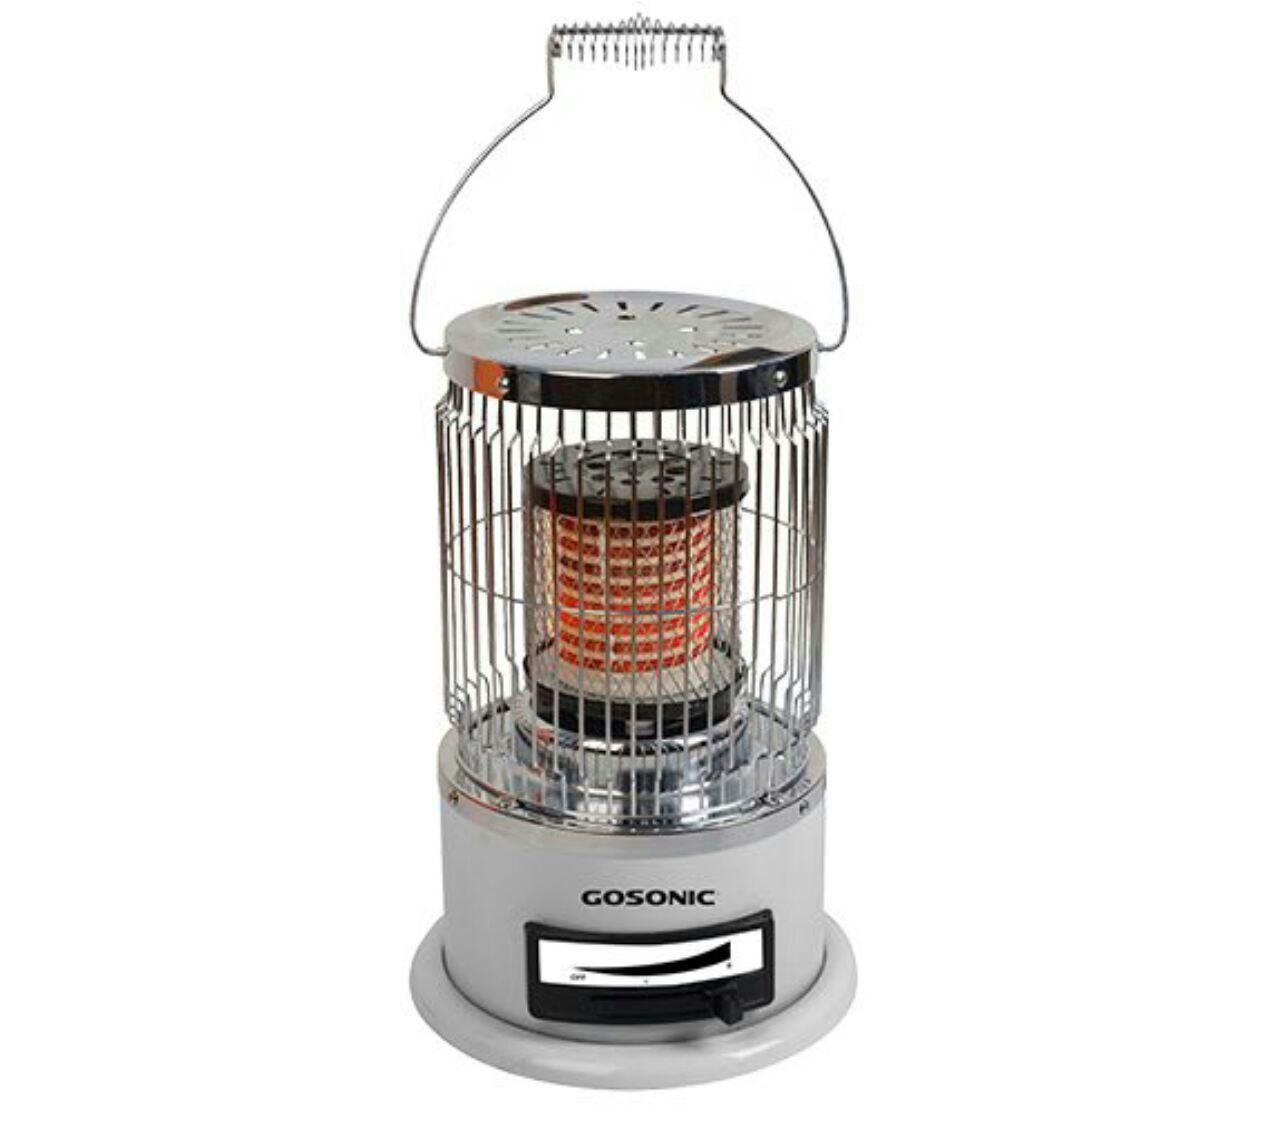 بخاری برقی والور برقی گوسونیک gosonic مدل 215